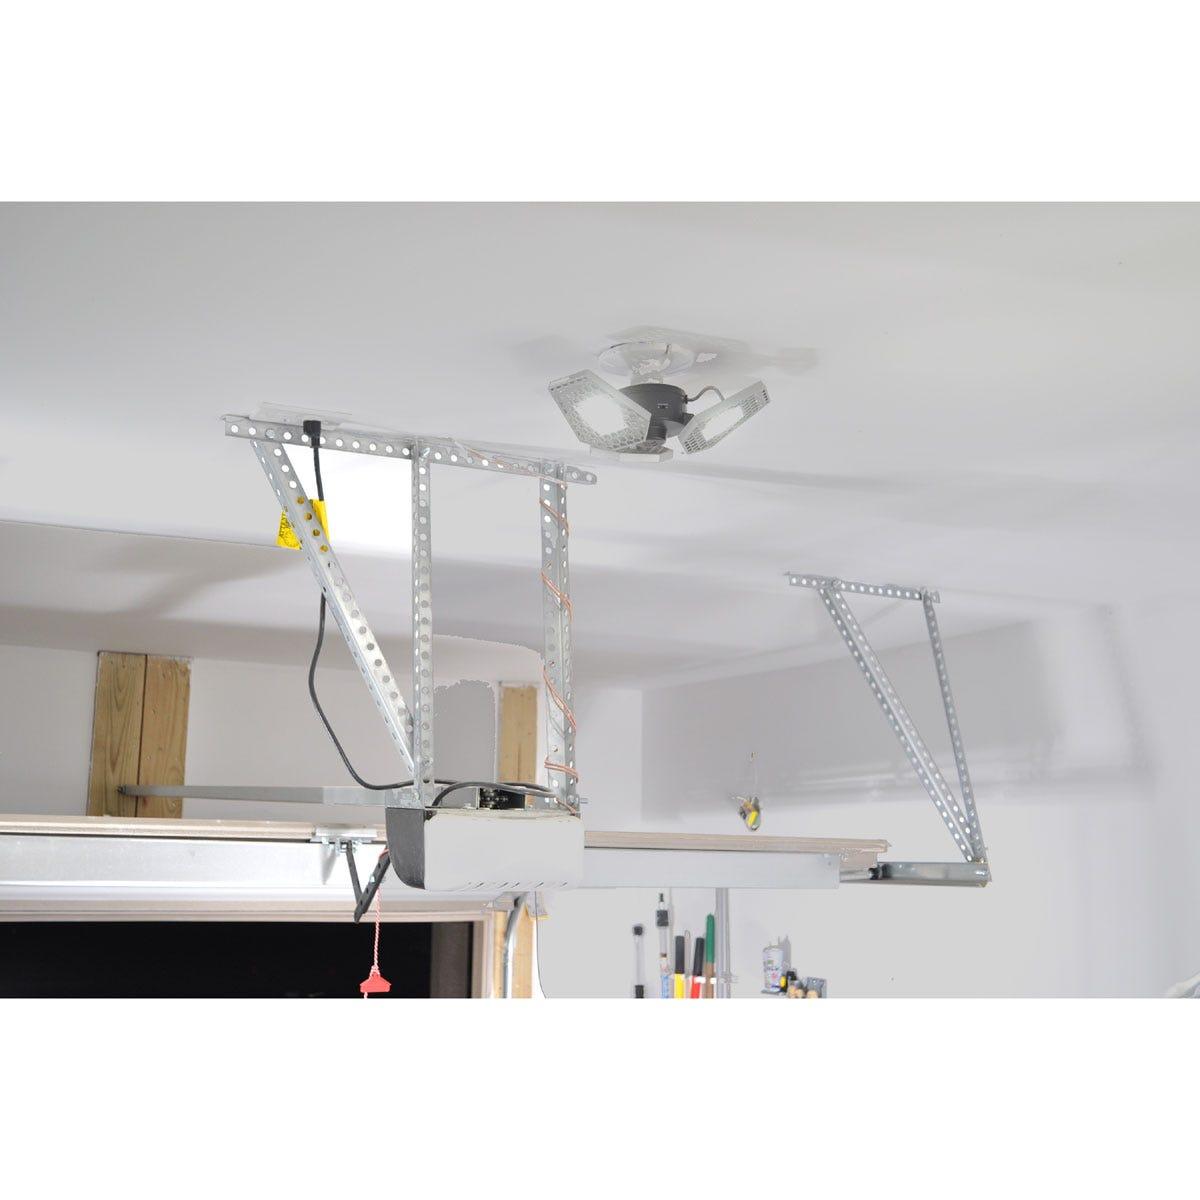 Motion-Sensing Garage Light